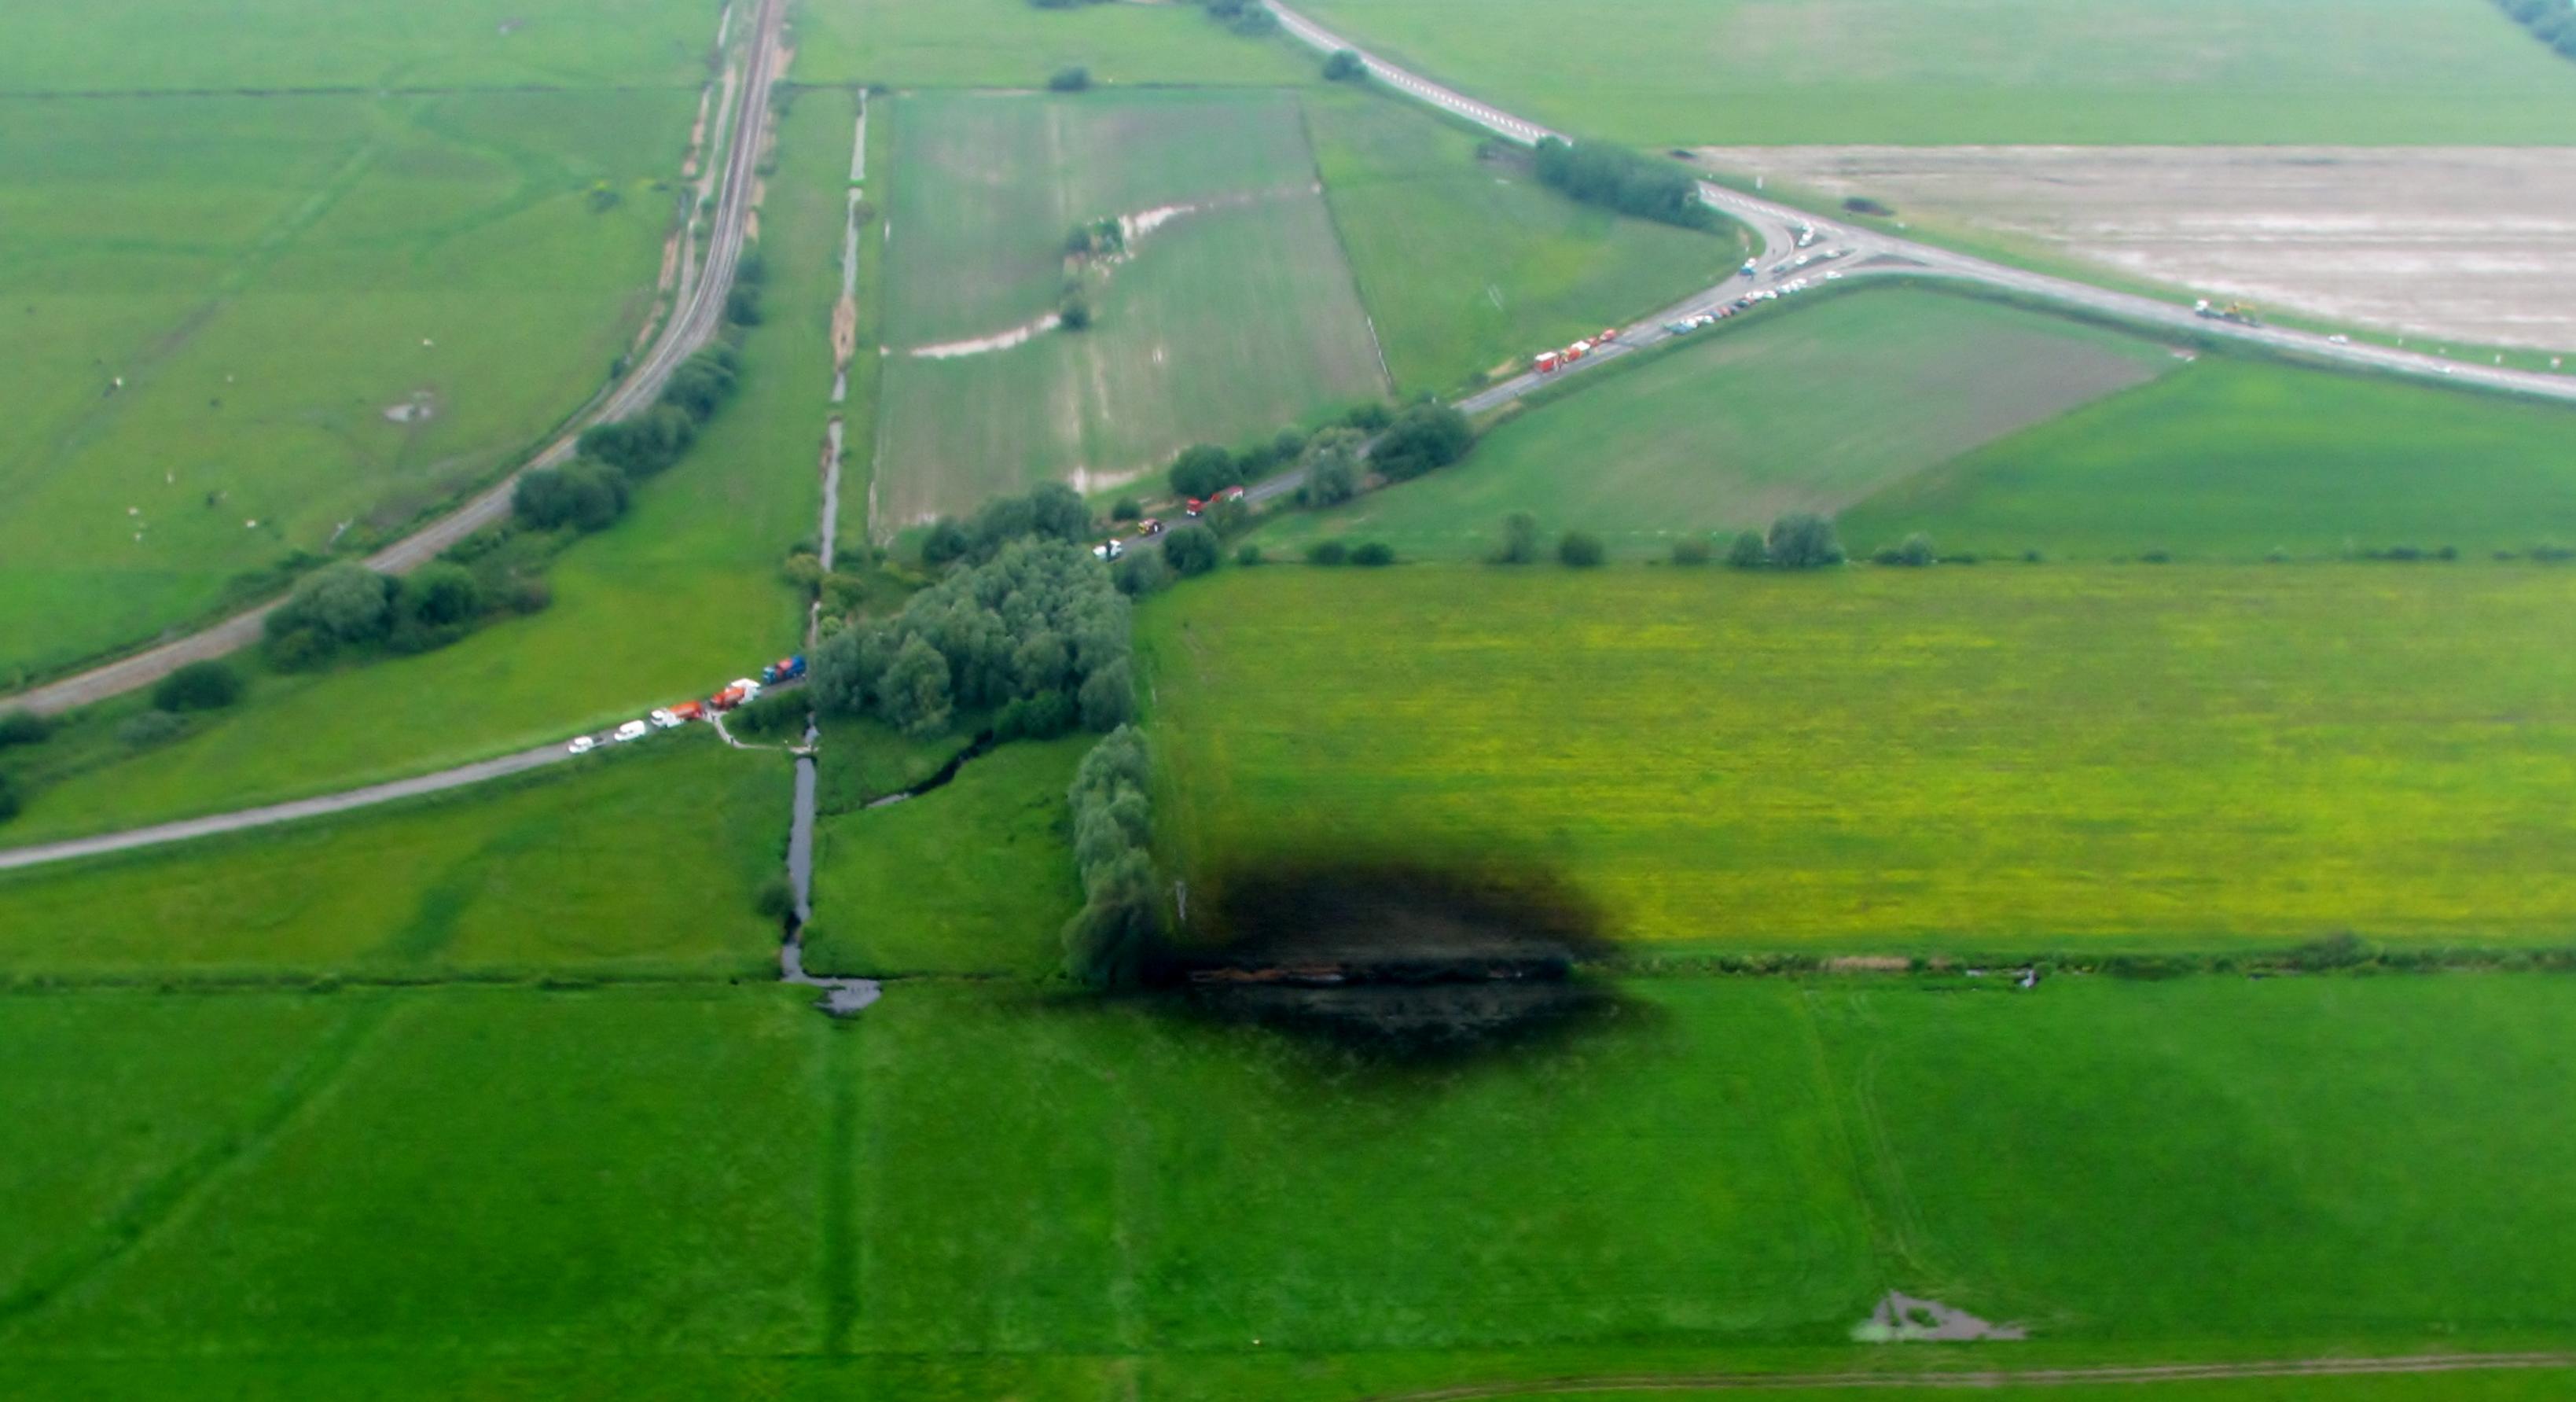 La fuite sur le pipeline a été constatée dans un champ. Un périmètre de sécurité de 300 mètres a été mis en place  et des moyens de pompage sont actuellement déployés (Photo DR)